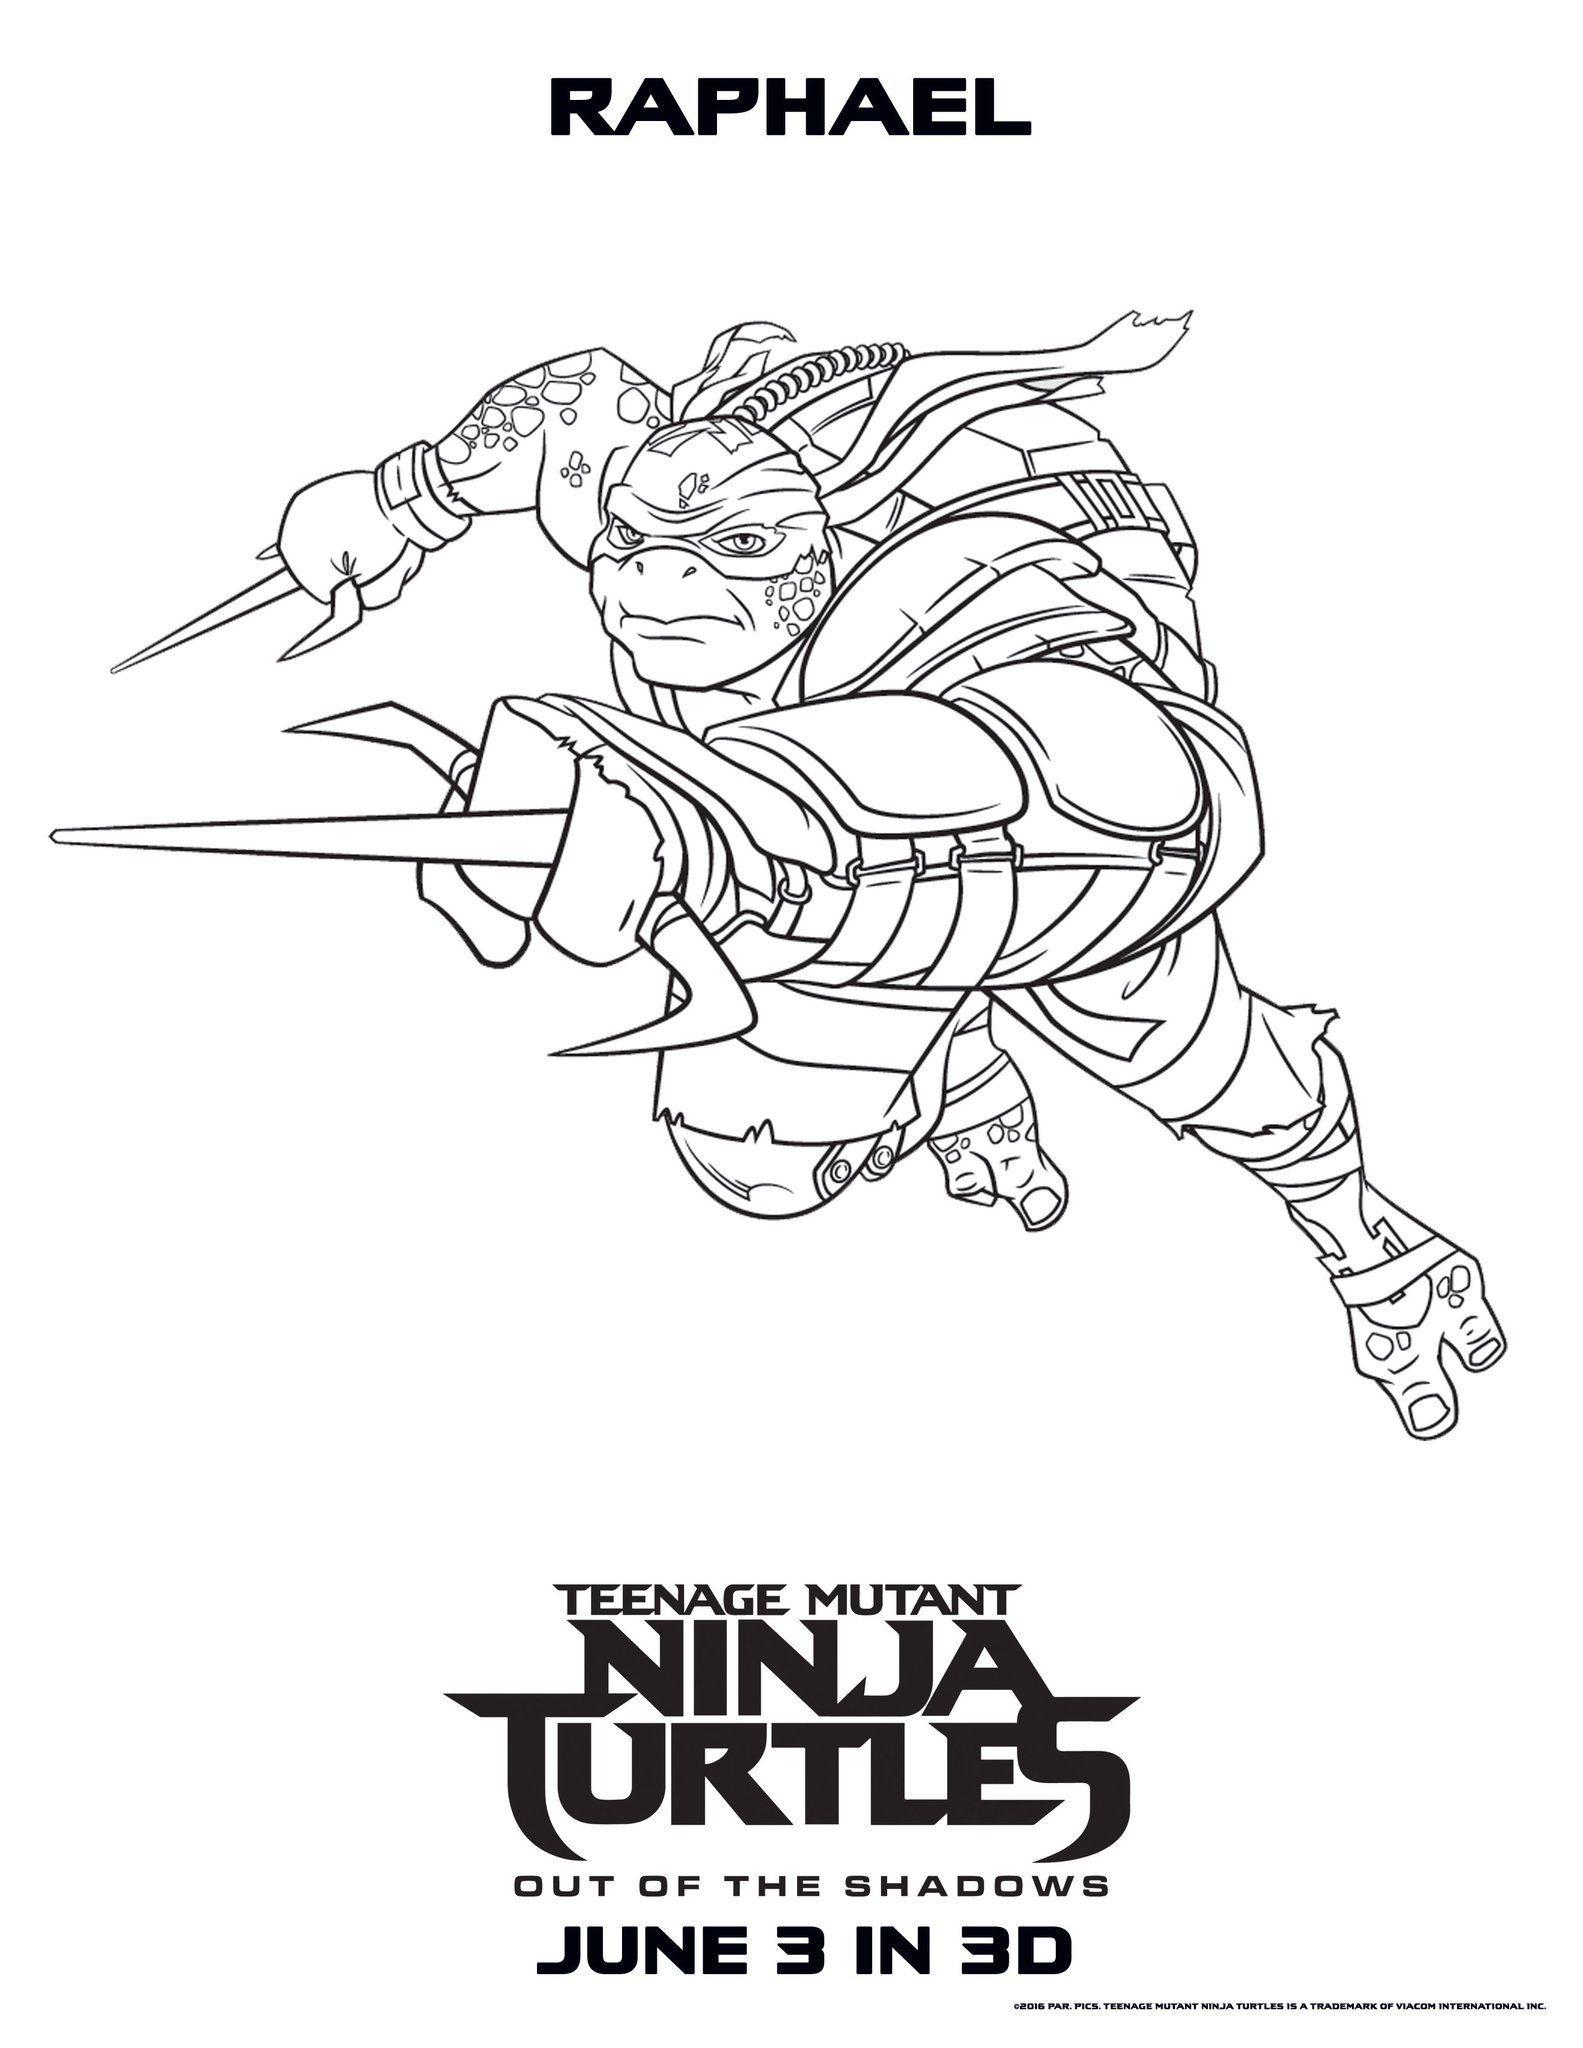 20 Teenage Mutant Ninja Turtles Coloring Books In 2020 Ninja Turtle Coloring Pages Turtle Coloring Pages Ninja Turtles